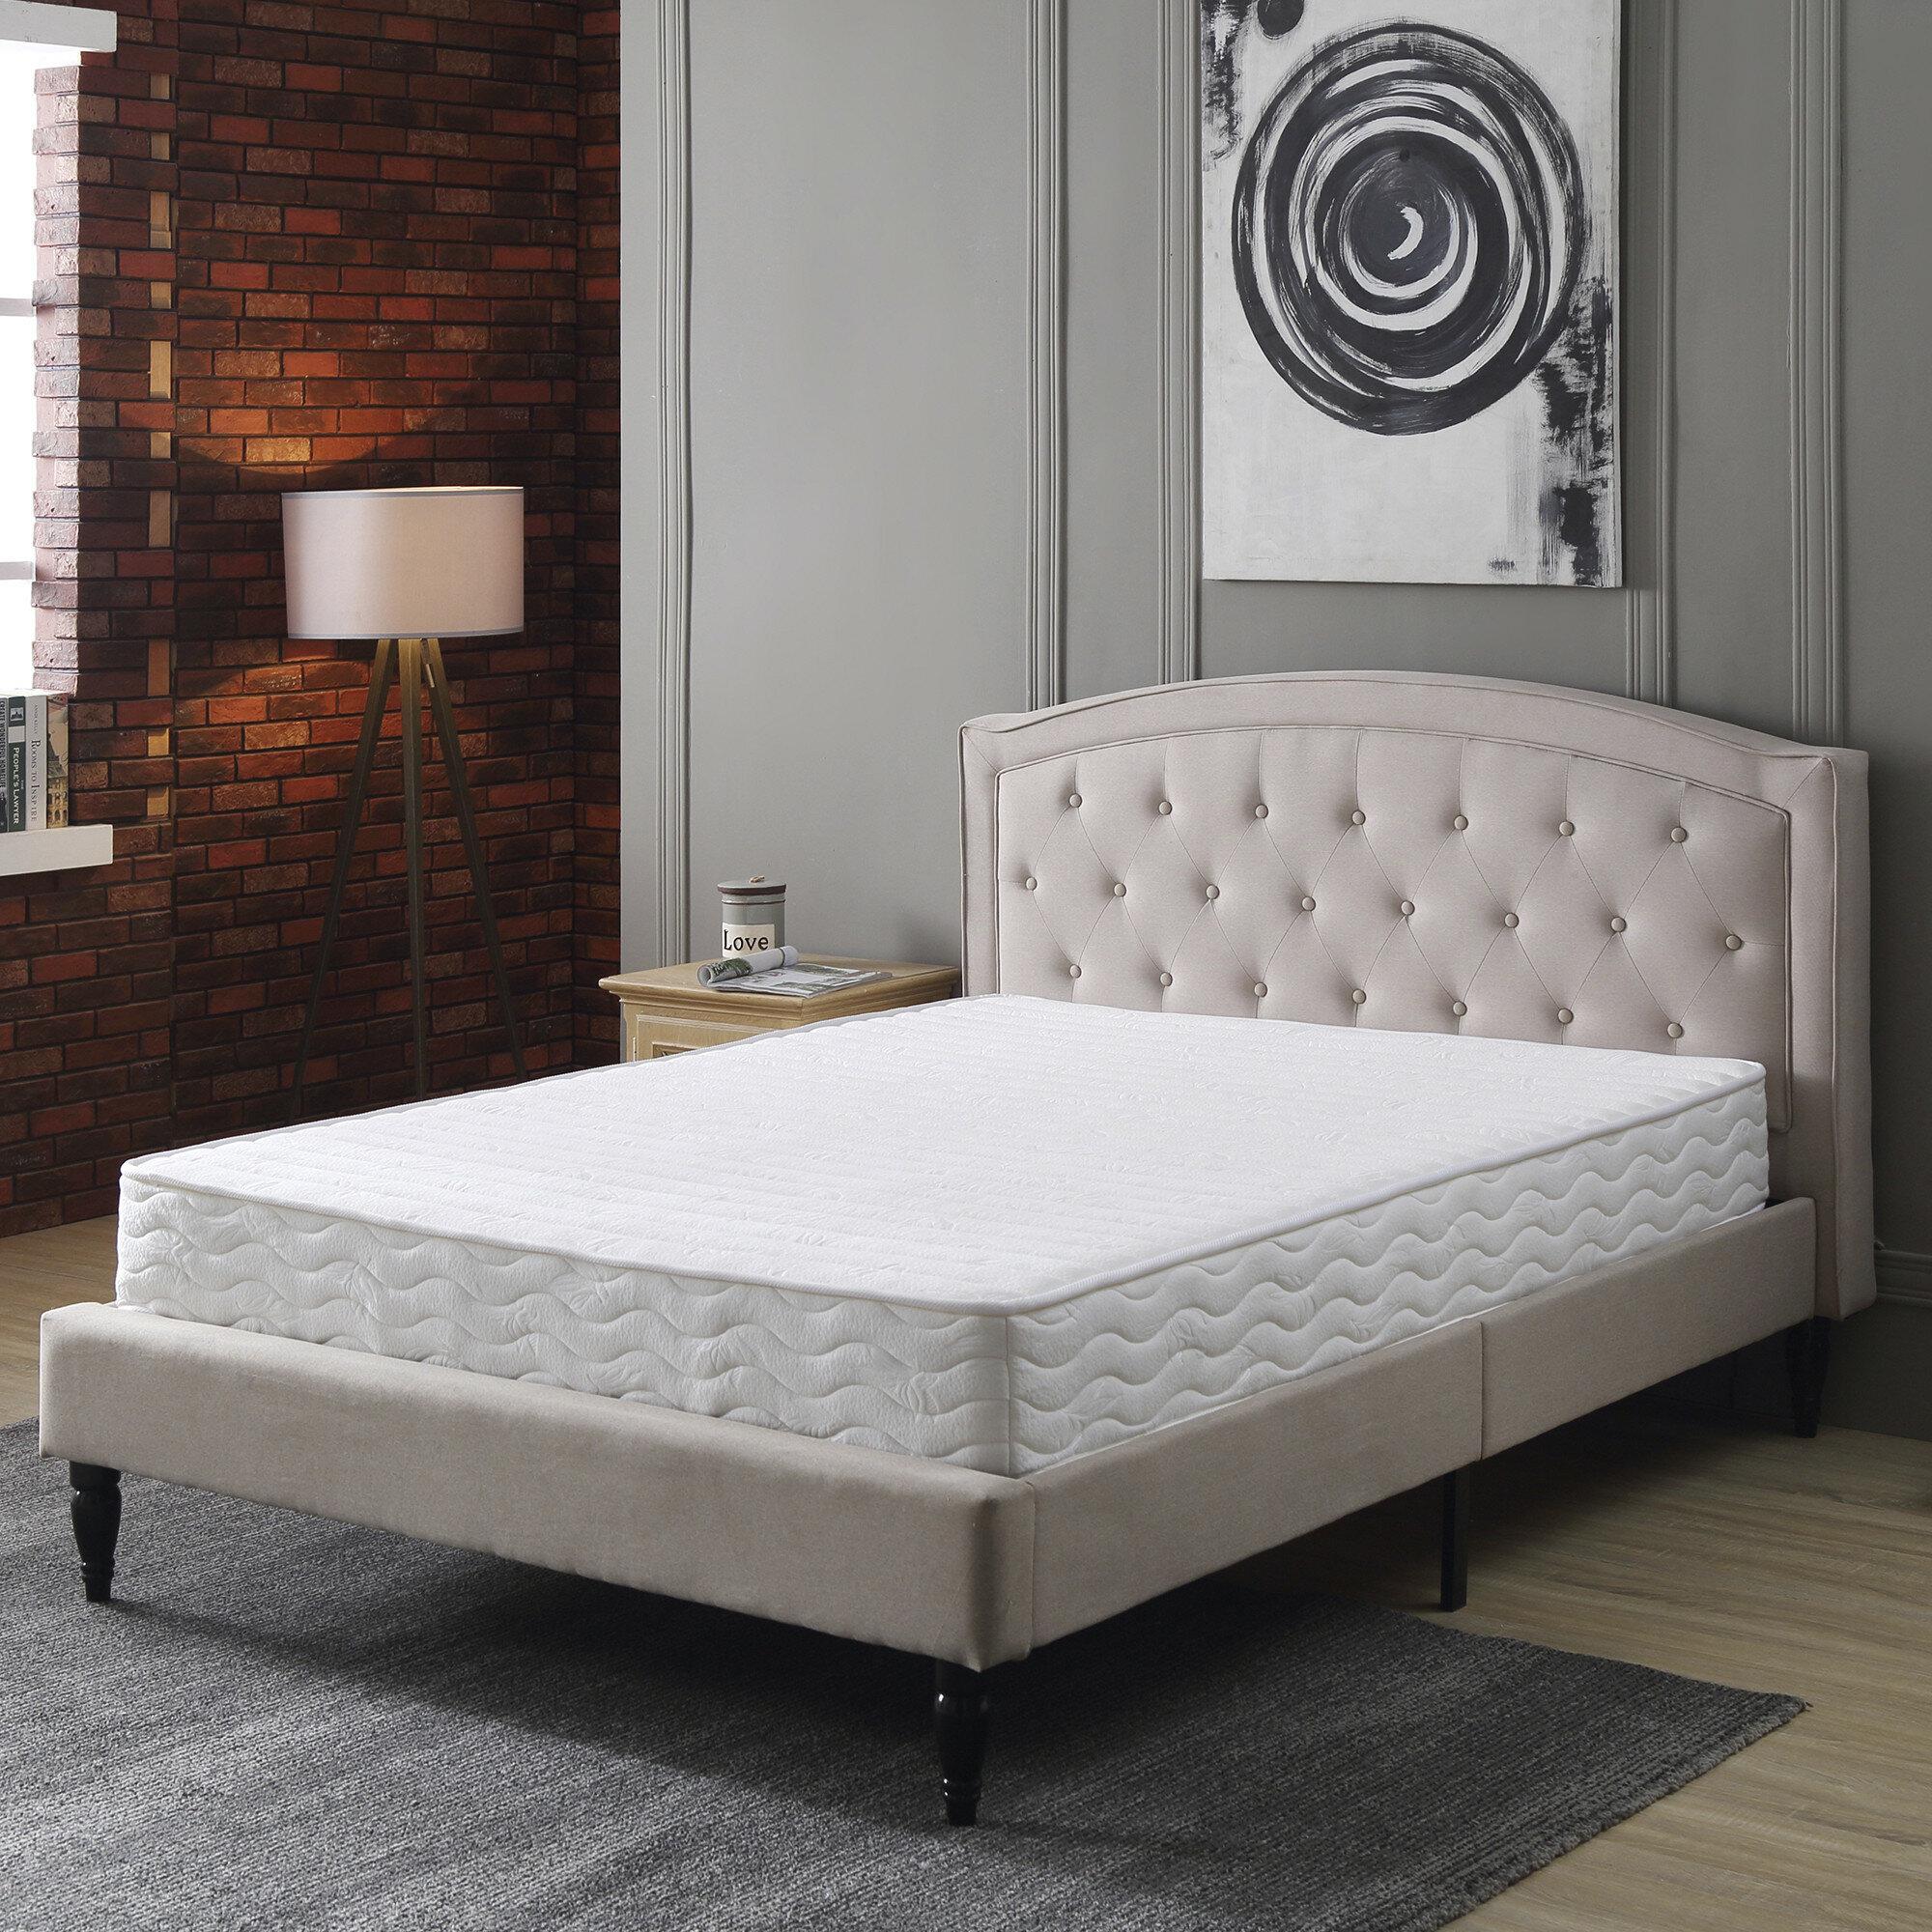 oneil 8 medium innerspring mattress